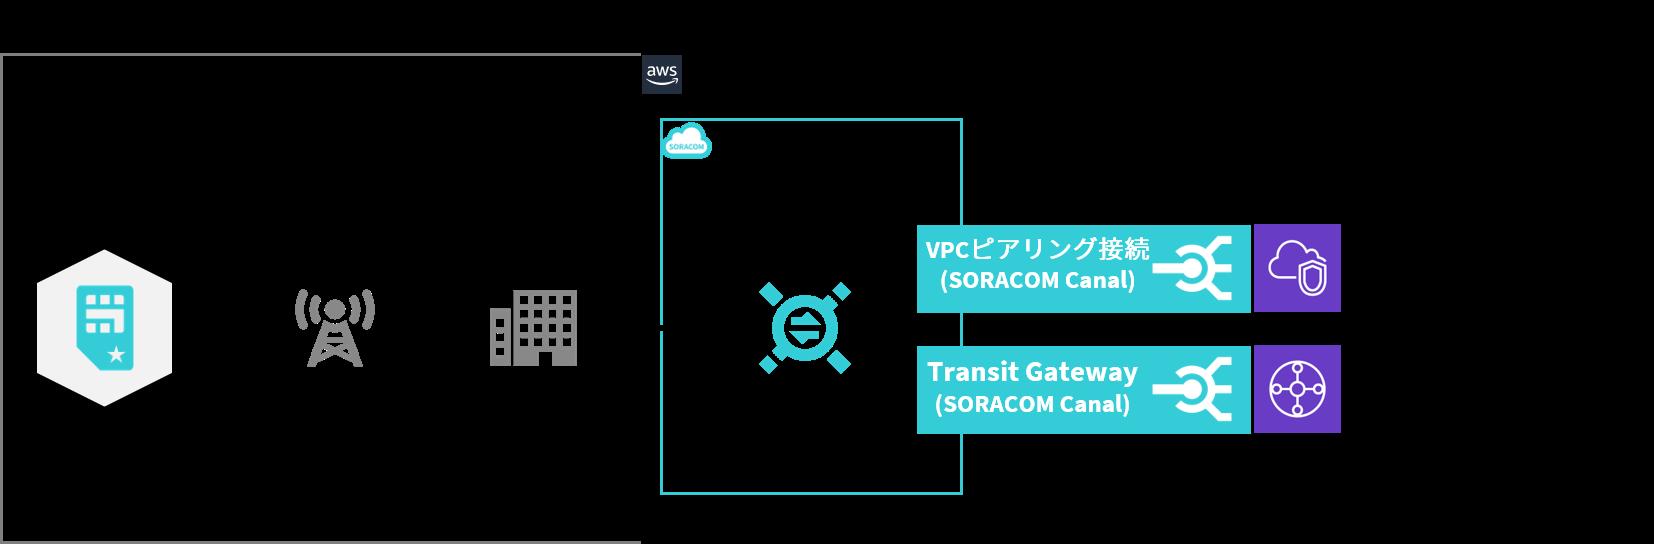 プライベート接続サービス「SORACOM Canal」でAWSリージョン間ピアリングのサポートを開始しました!